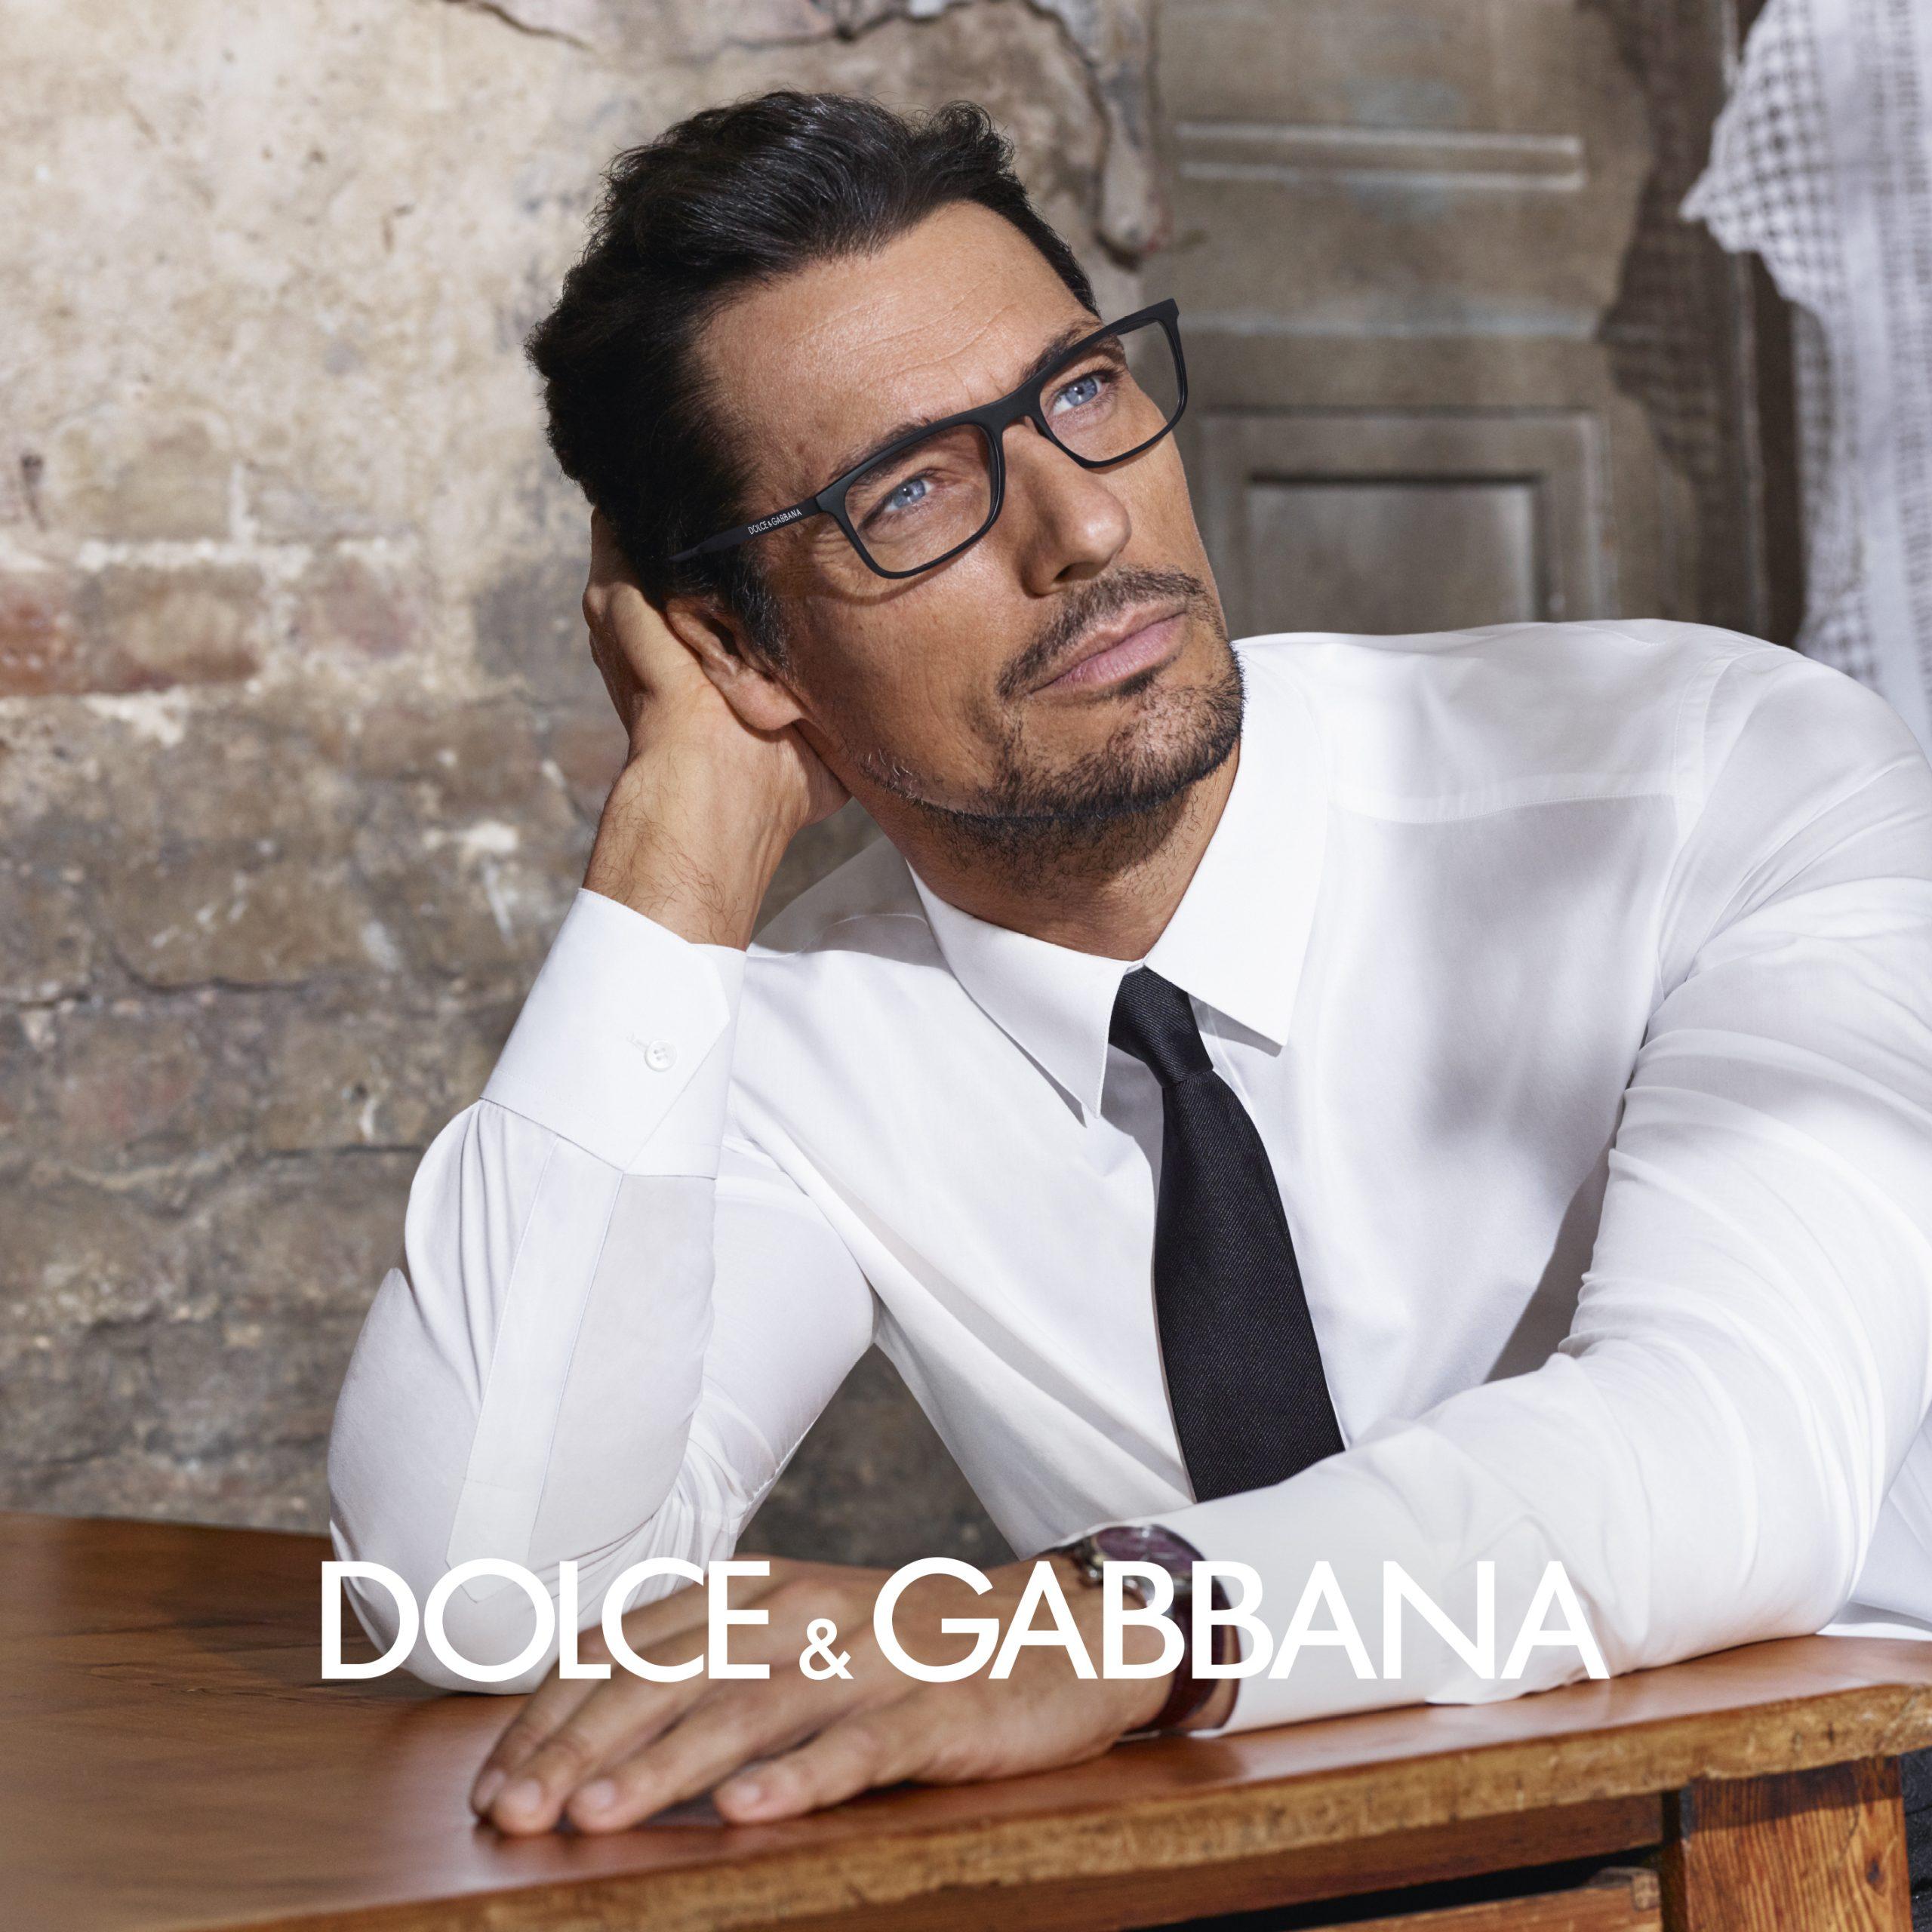 Dolce & Gabbana 7 - Ótica Pitosga